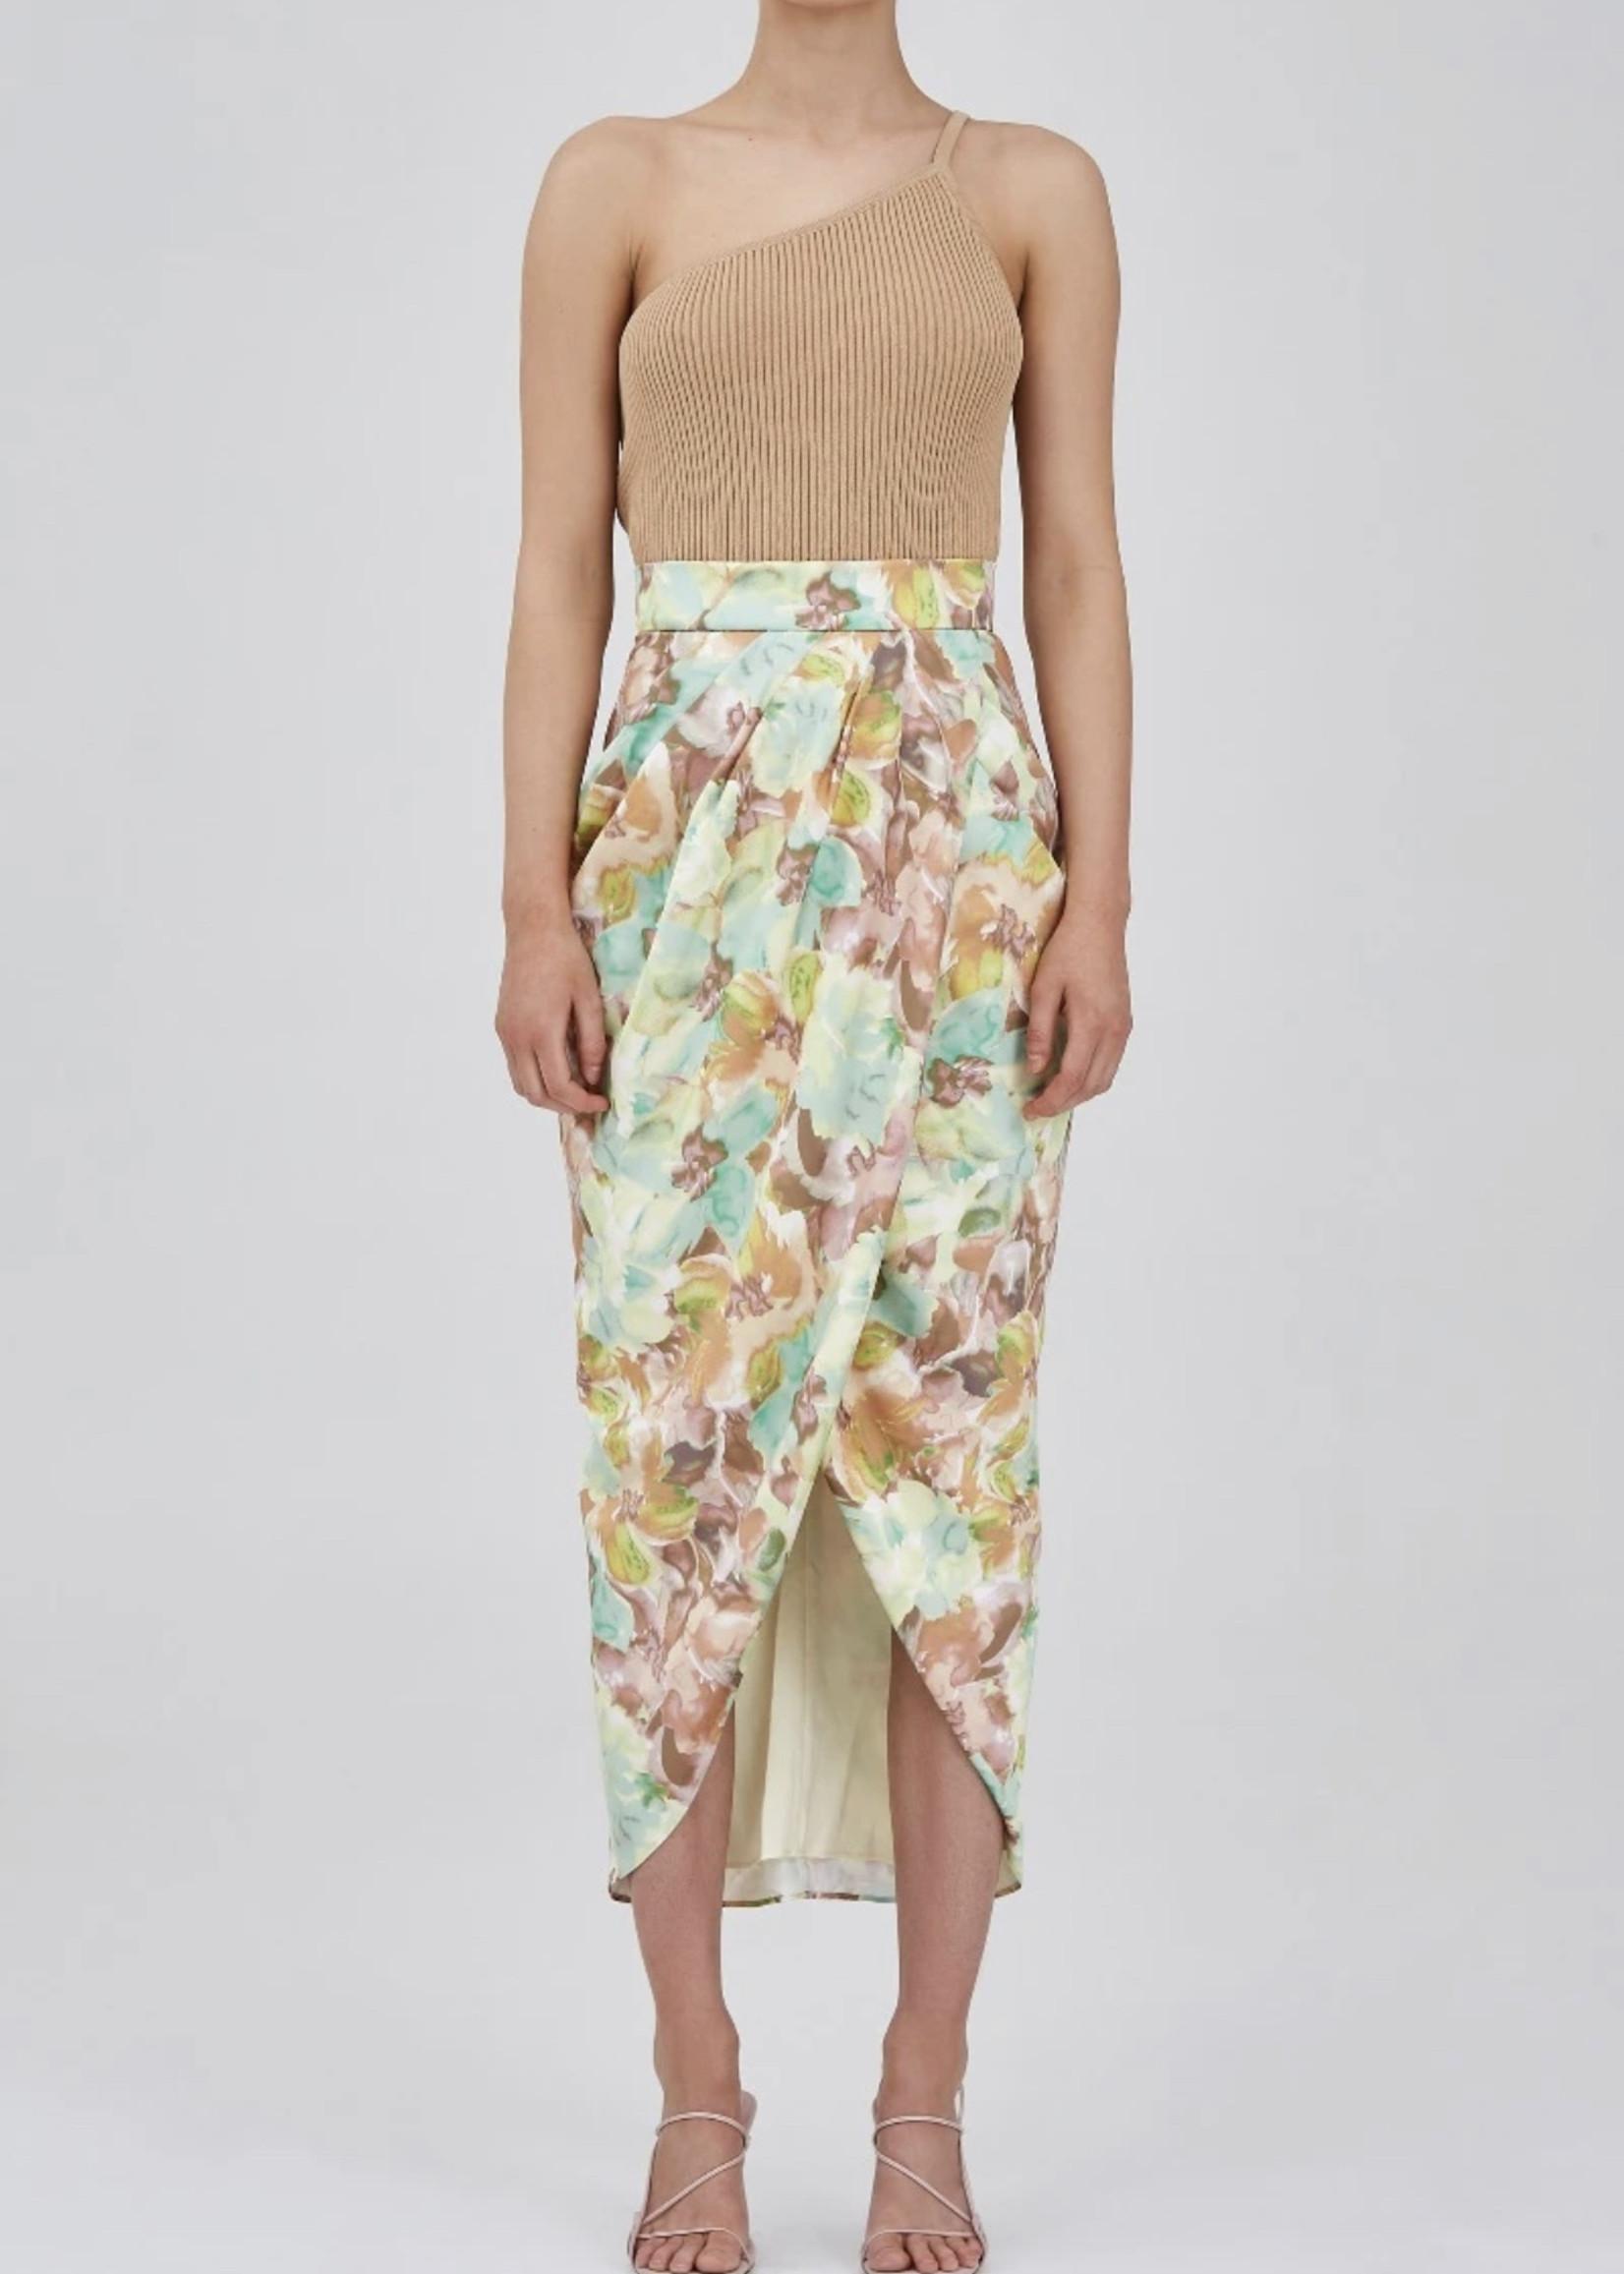 Elitaire Boutique Last Dance Tan Knit Top